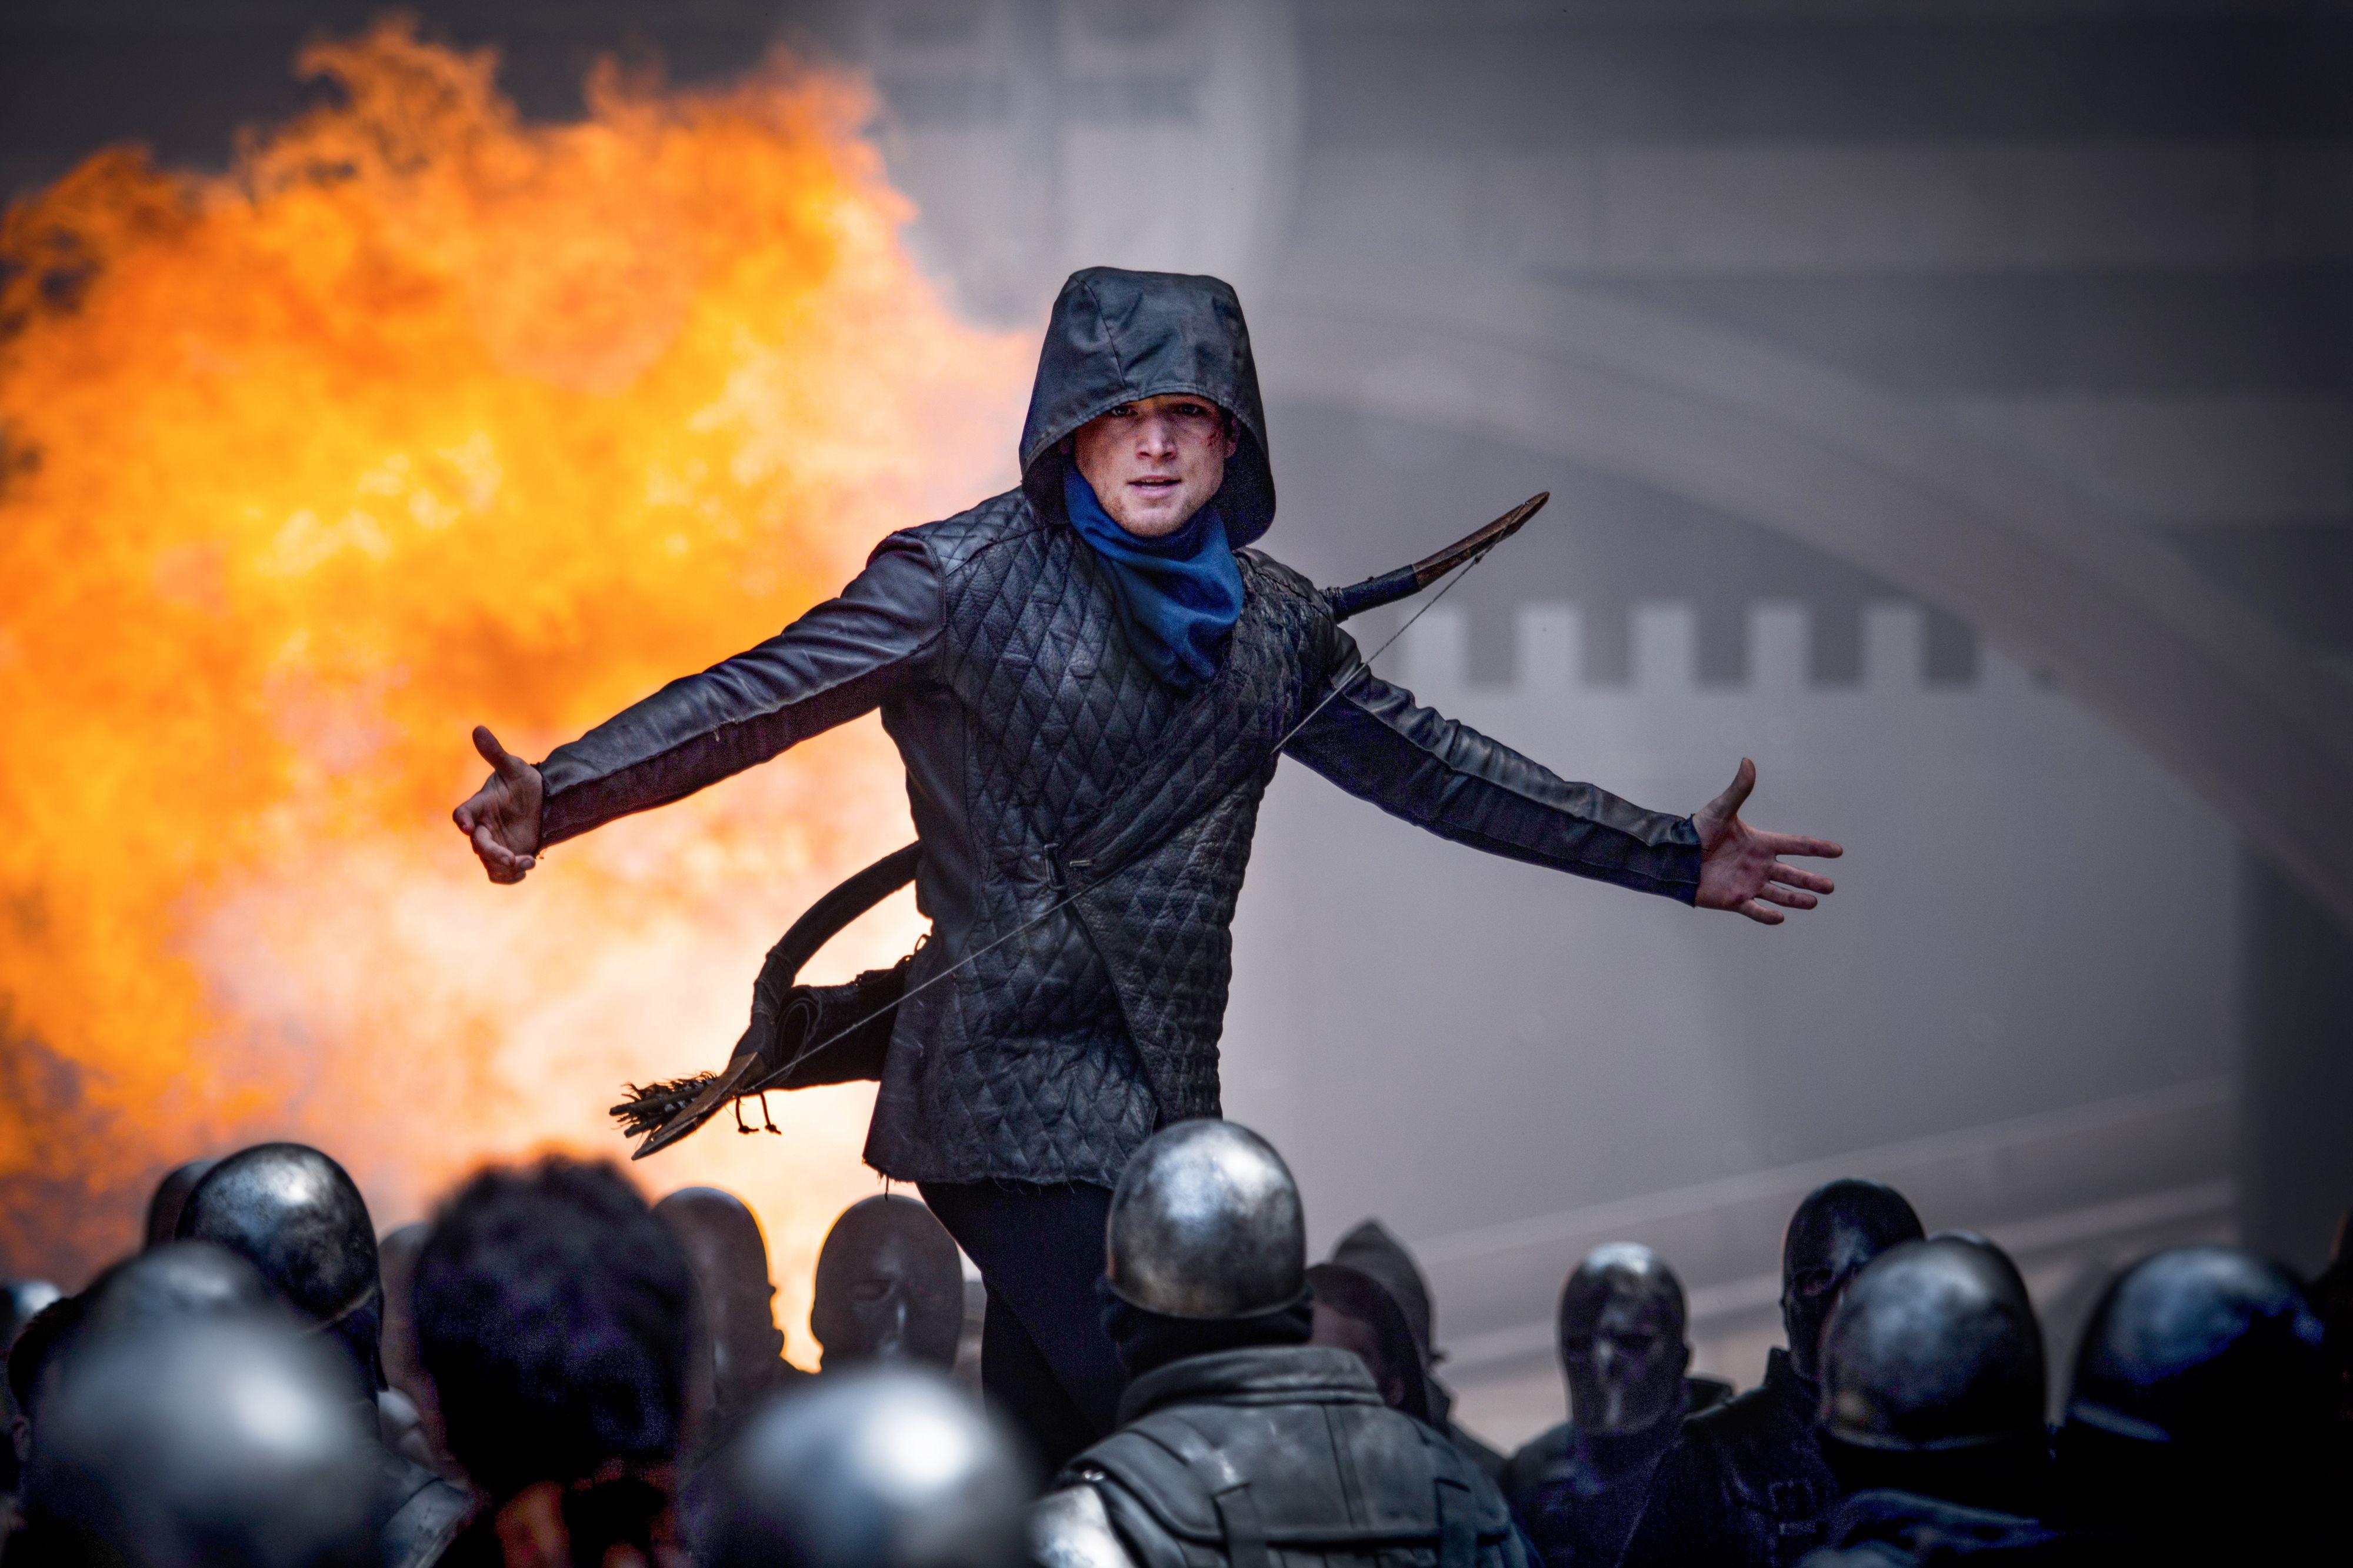 Estrenos: Roma, de Cuarón, destaca en la cartelera